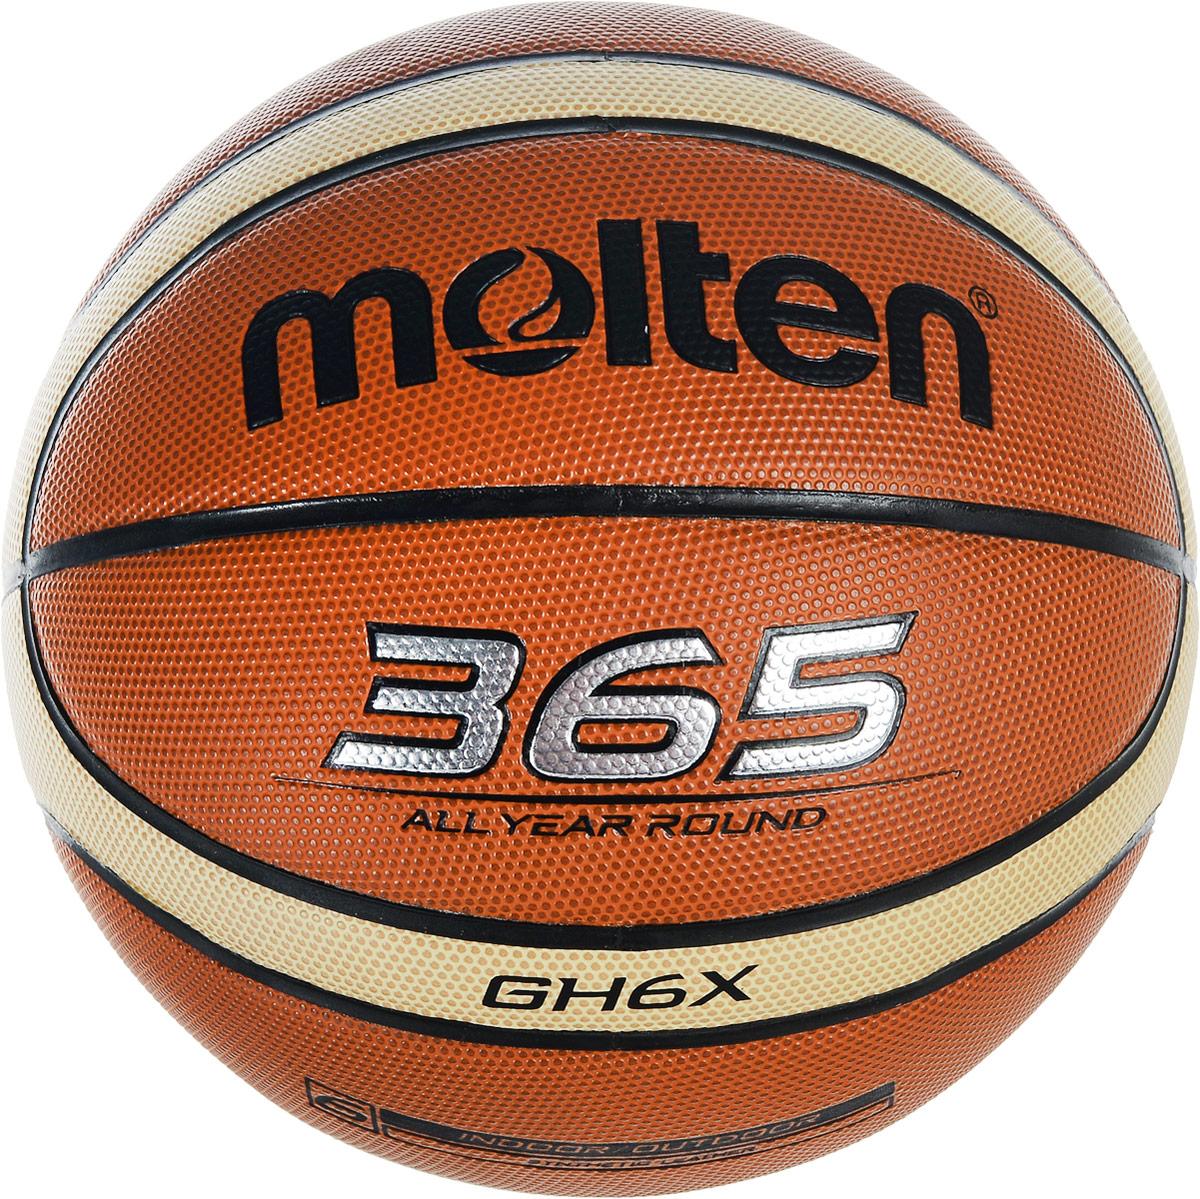 Мяч баскетбольный Molten, цвет: терракотовый, бежевый. Размер 6. BGH6XB7RБаскетбольный мяч Molten прекрасно подходит для игр или тренировок в зале и на улице. Покрышка из синтетической кожи (поливинилхлорид). Шероховатая поверхность служит для оптимального контроля мяча при его подборе и в других игровых ситуациях. Увеличенная износостойкость. 12-панельный дизайн.